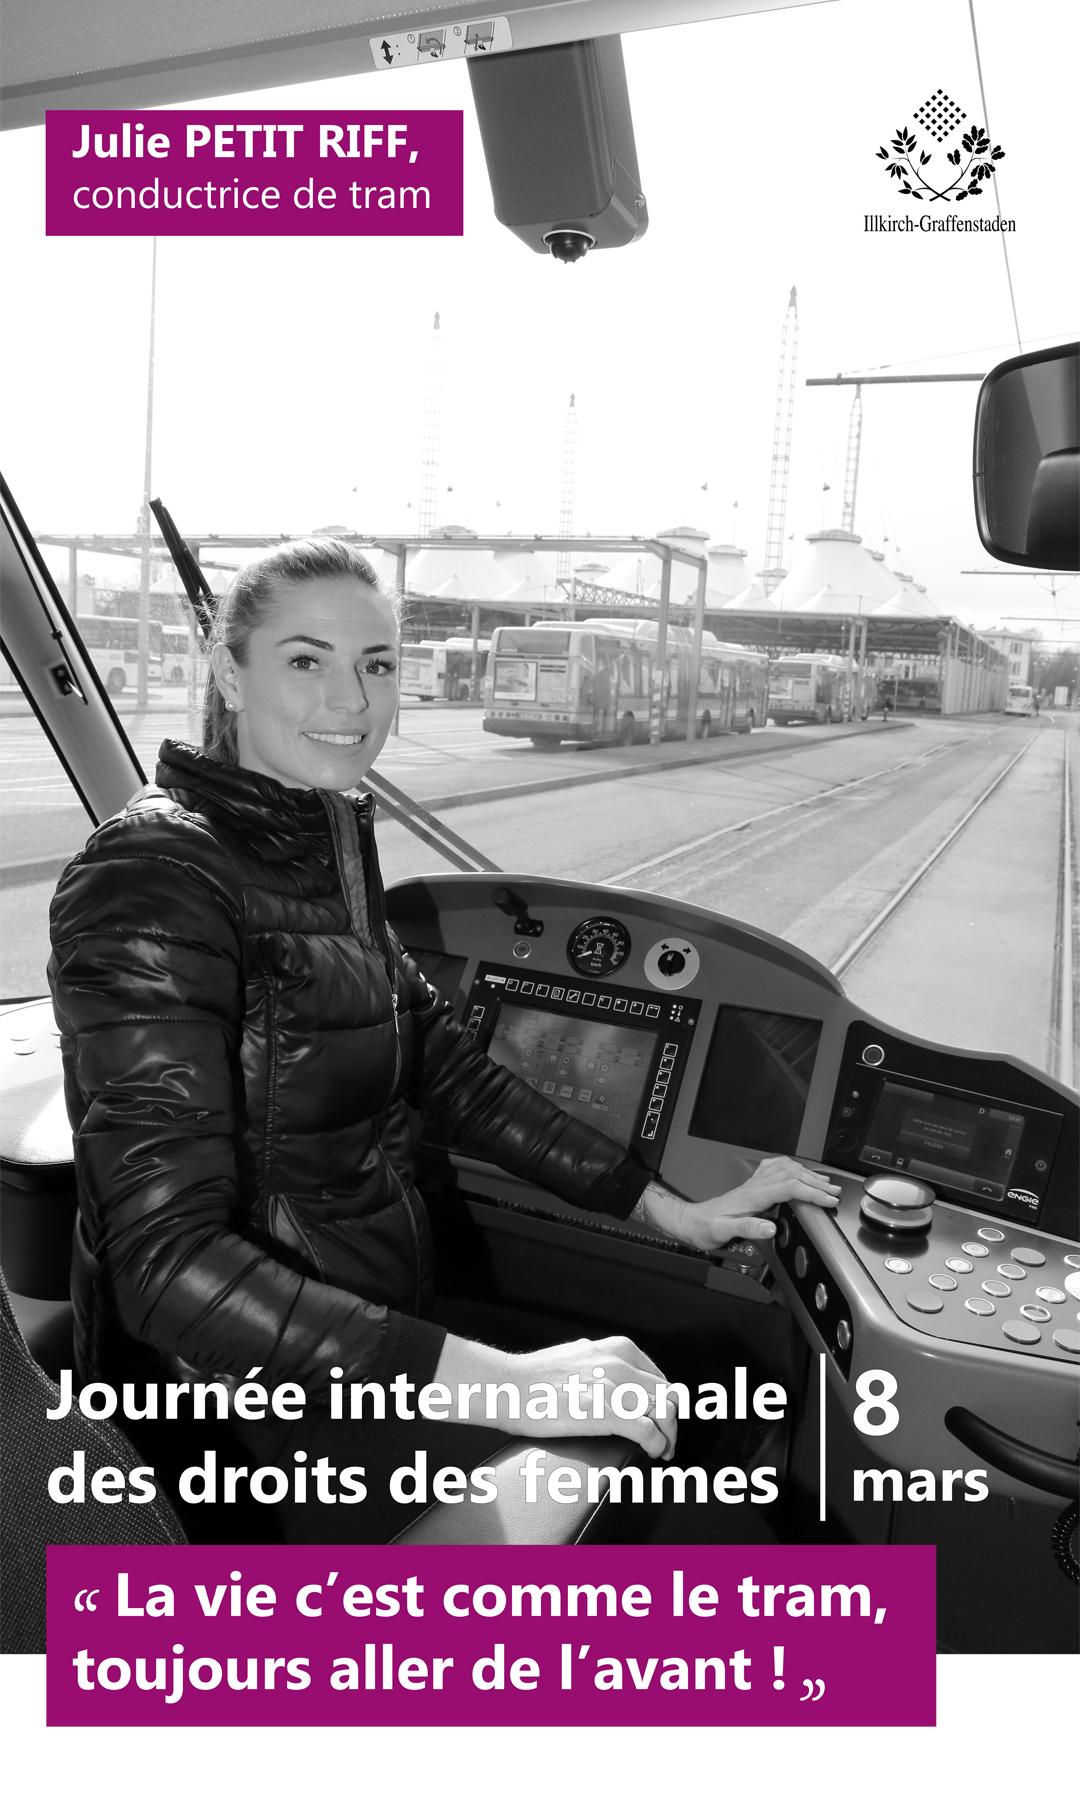 Julie Petit Riff - Journée internationale des droits des femmes